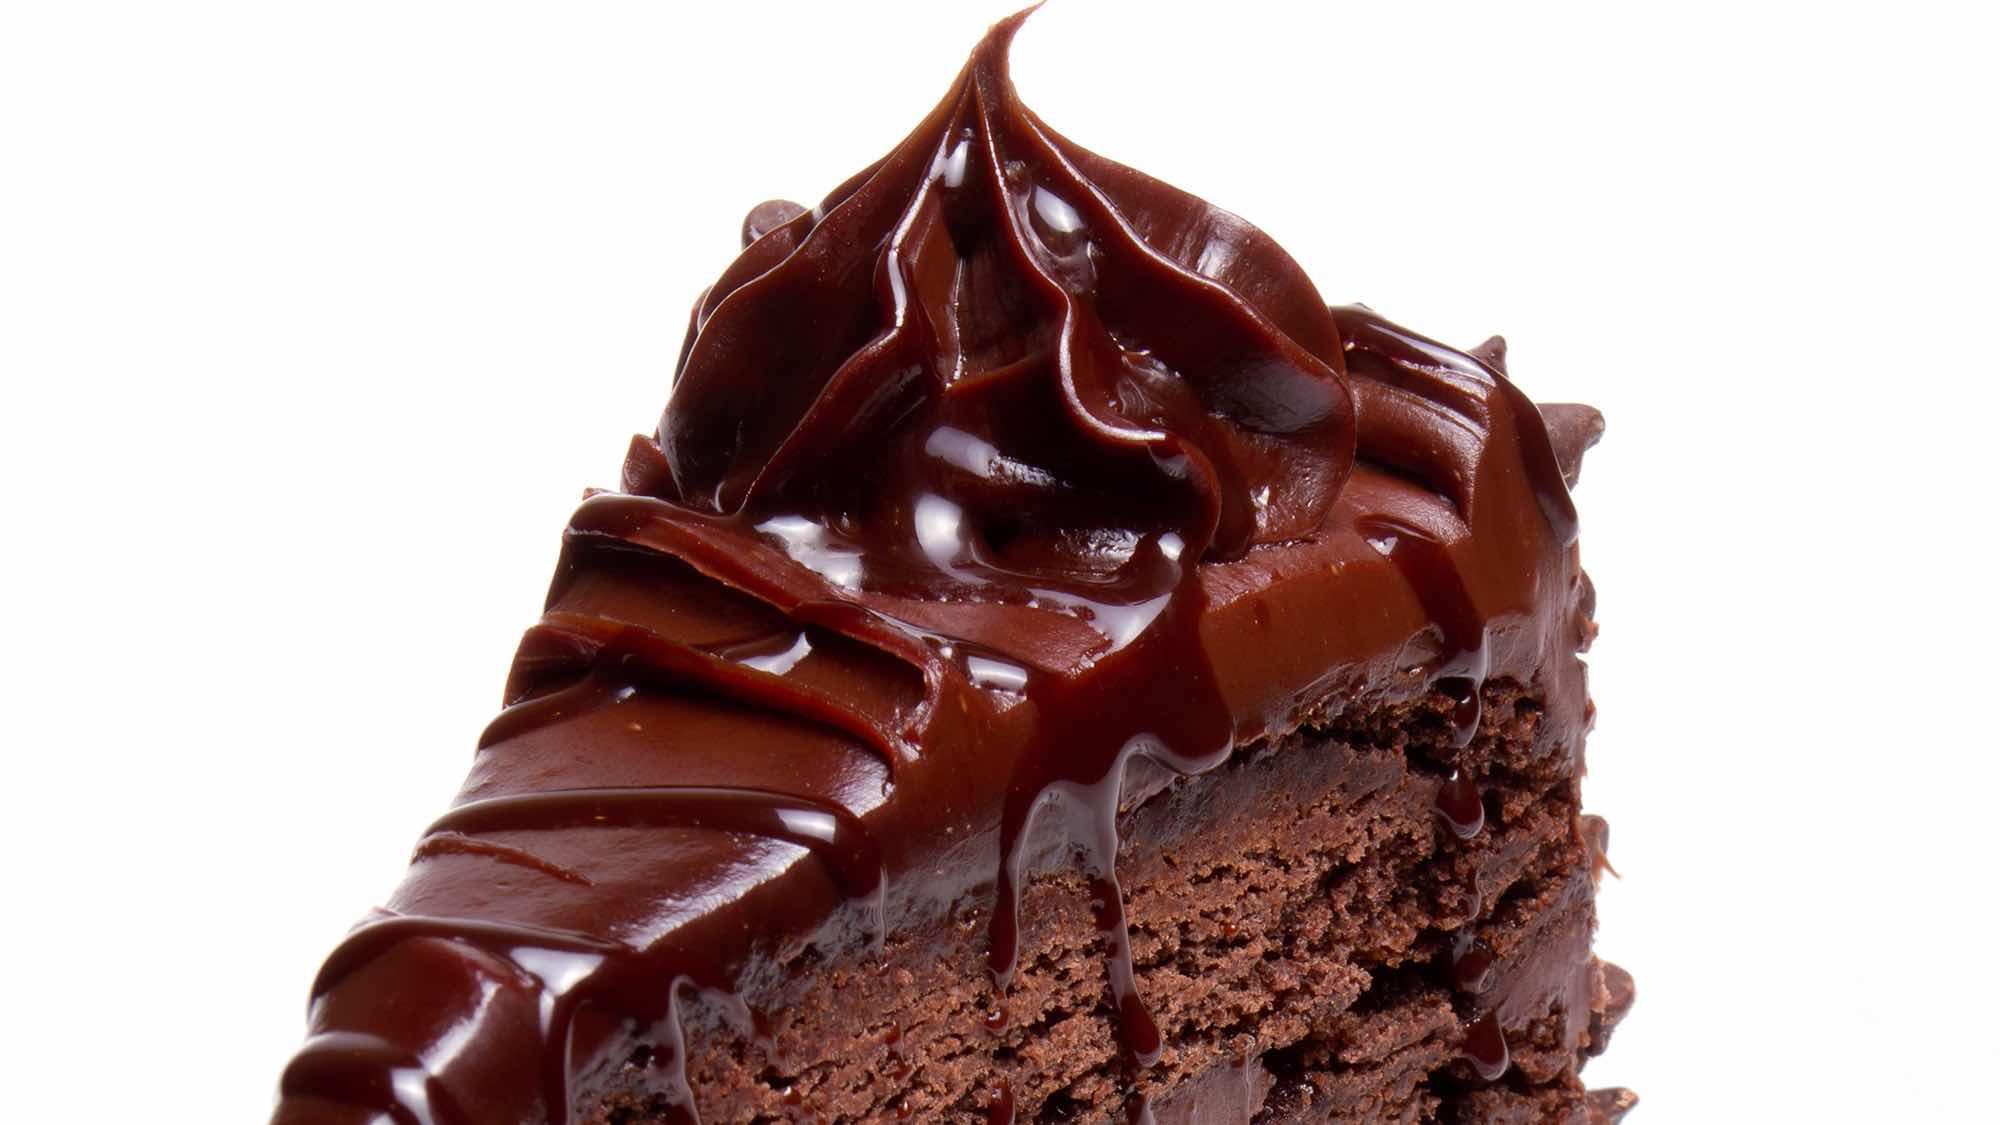 devil_s_food_cake_2000